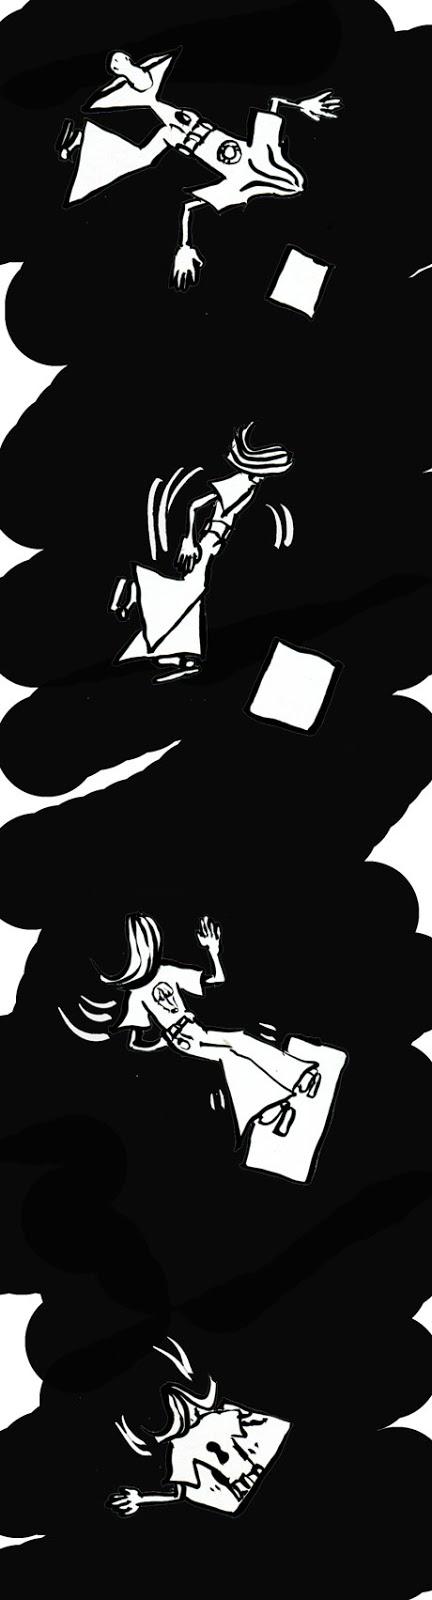 """""""LE LIVRE DELIVRE"""", part02 strip de Zéda pour illustrer chronique 7BD sur """"LE LIVRE DES LIVRES"""" de Marc-Antoine Mathieu chez Delcourt"""